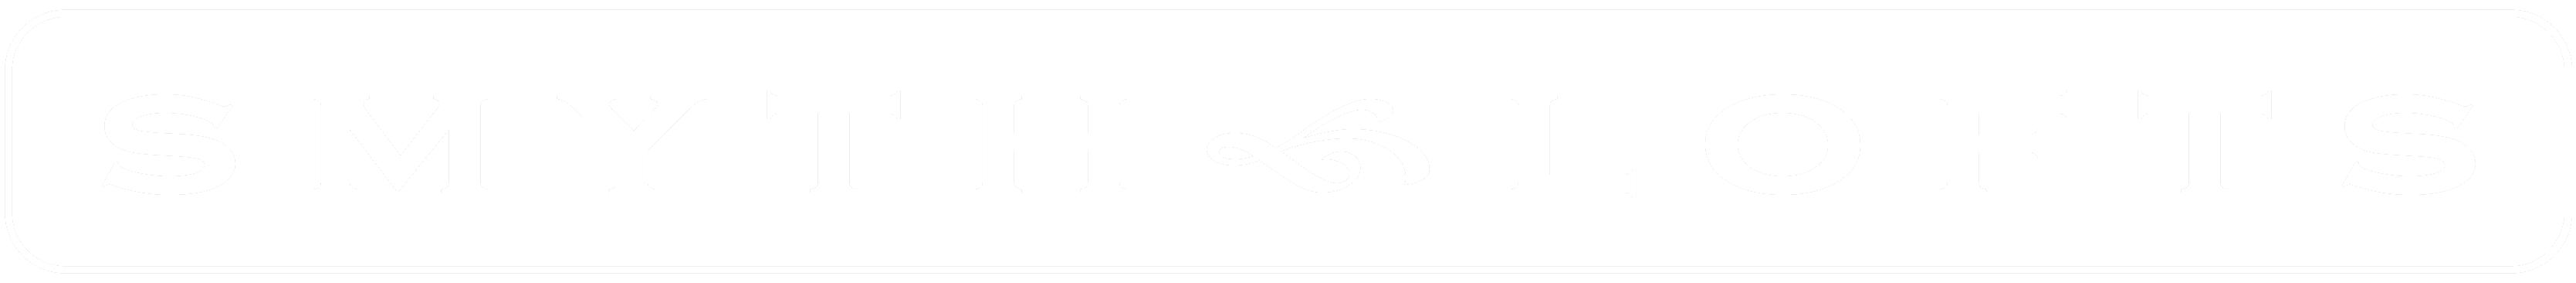 Smyth lofts logo